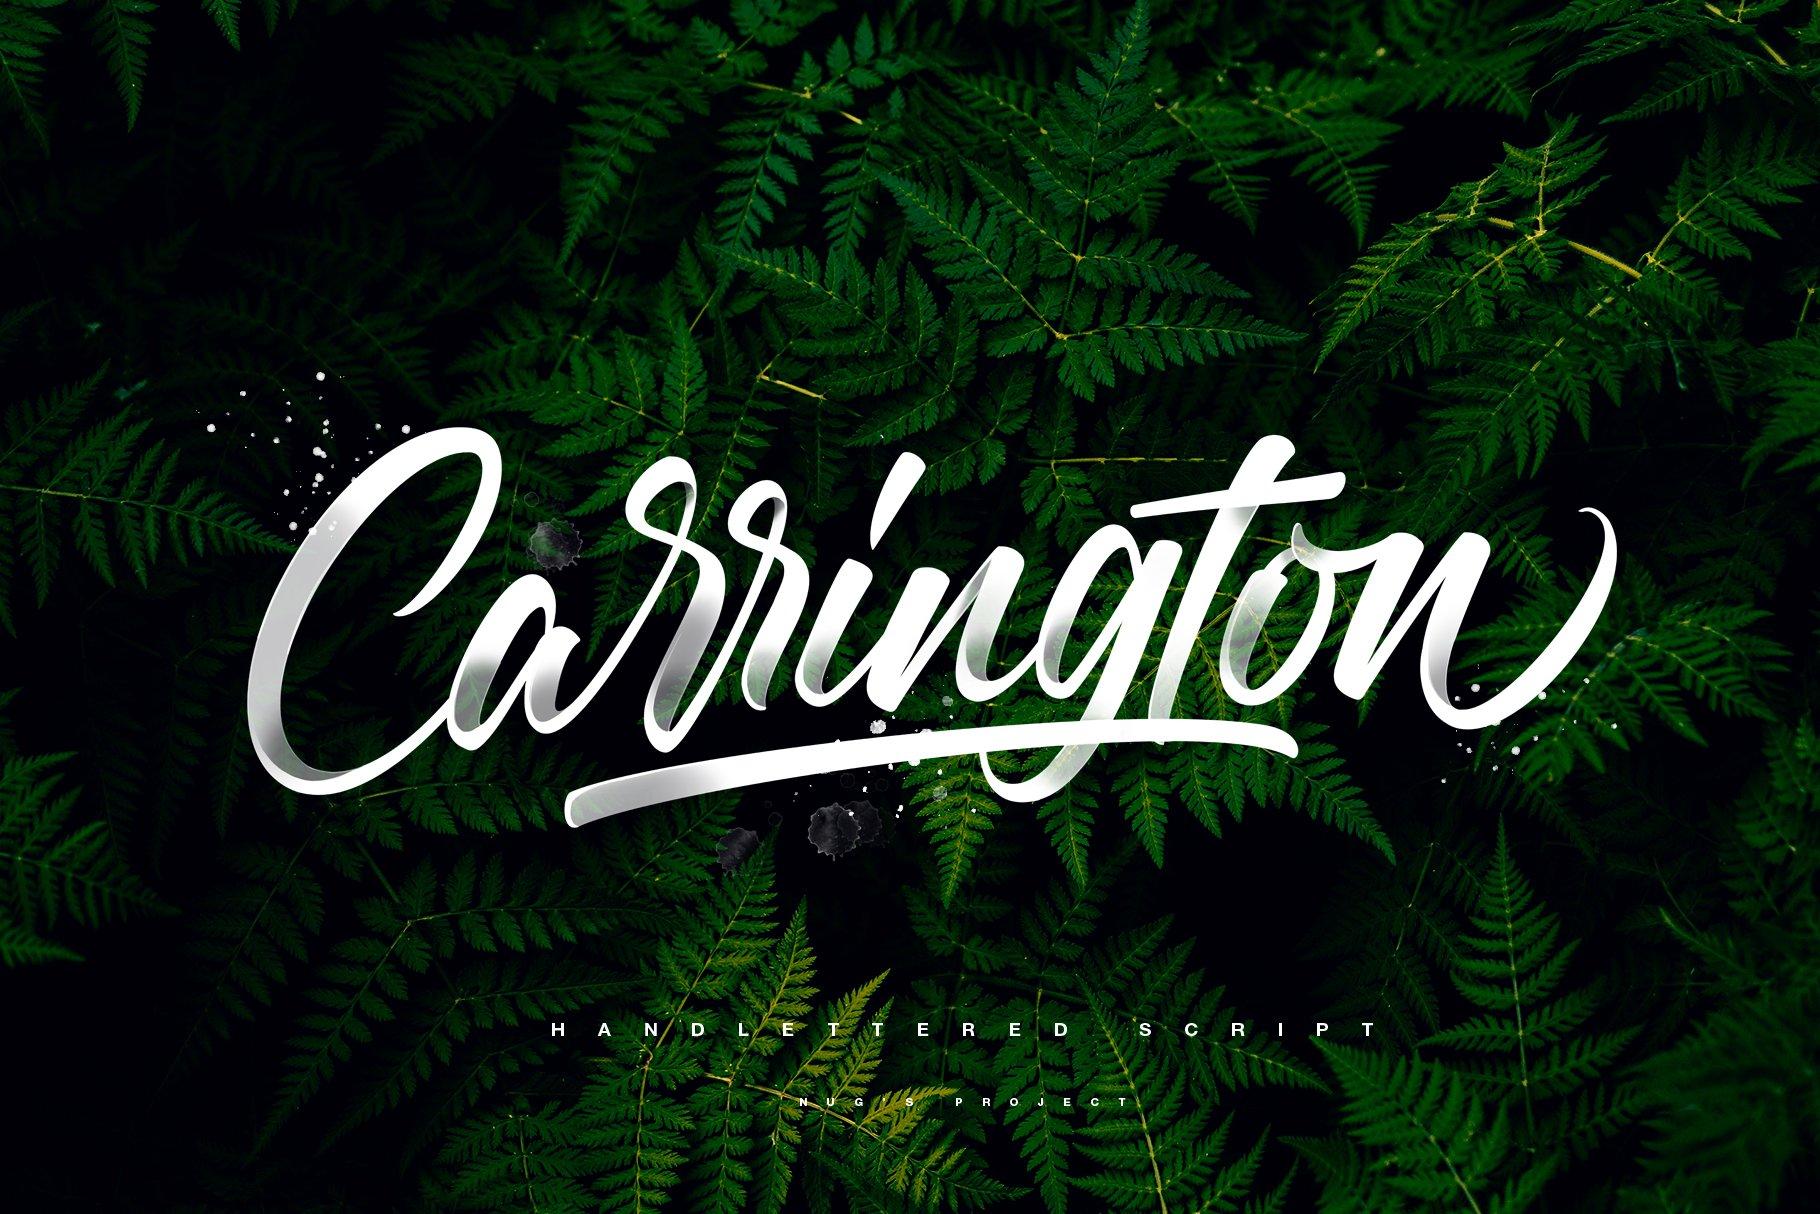 Carrington Free Font